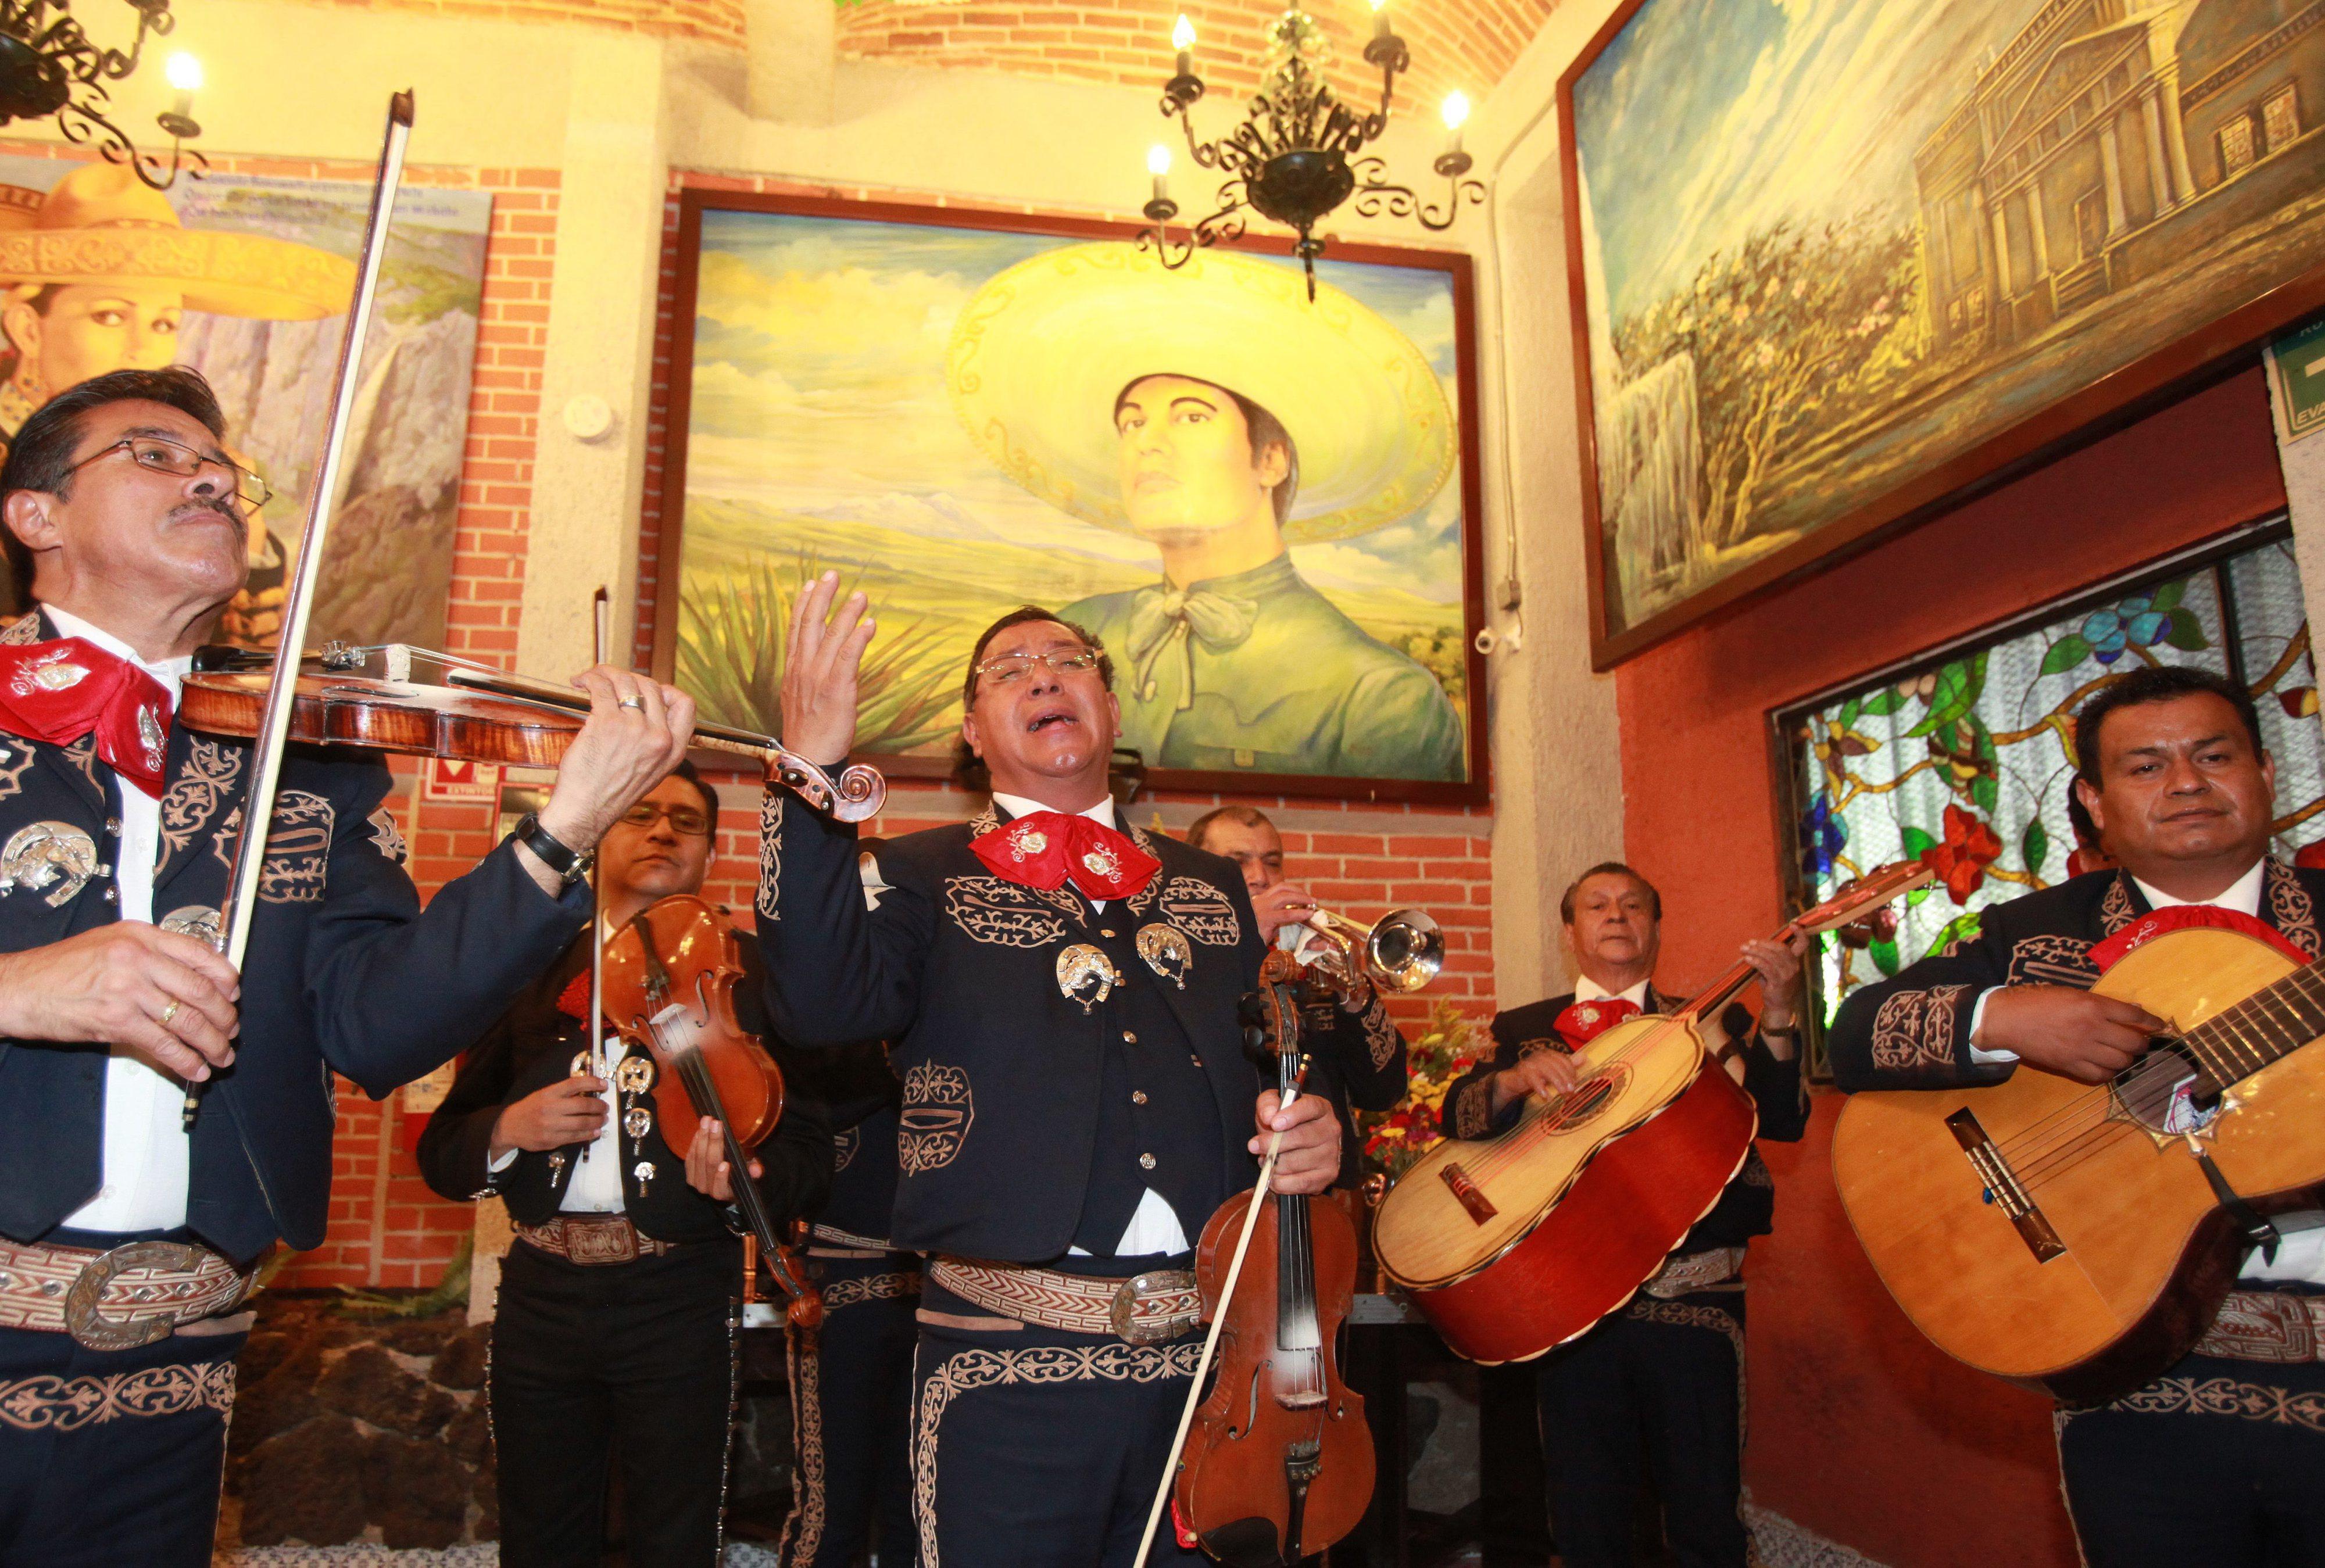 Músico mexicano Juan Gabriel morreu aos 66 anos